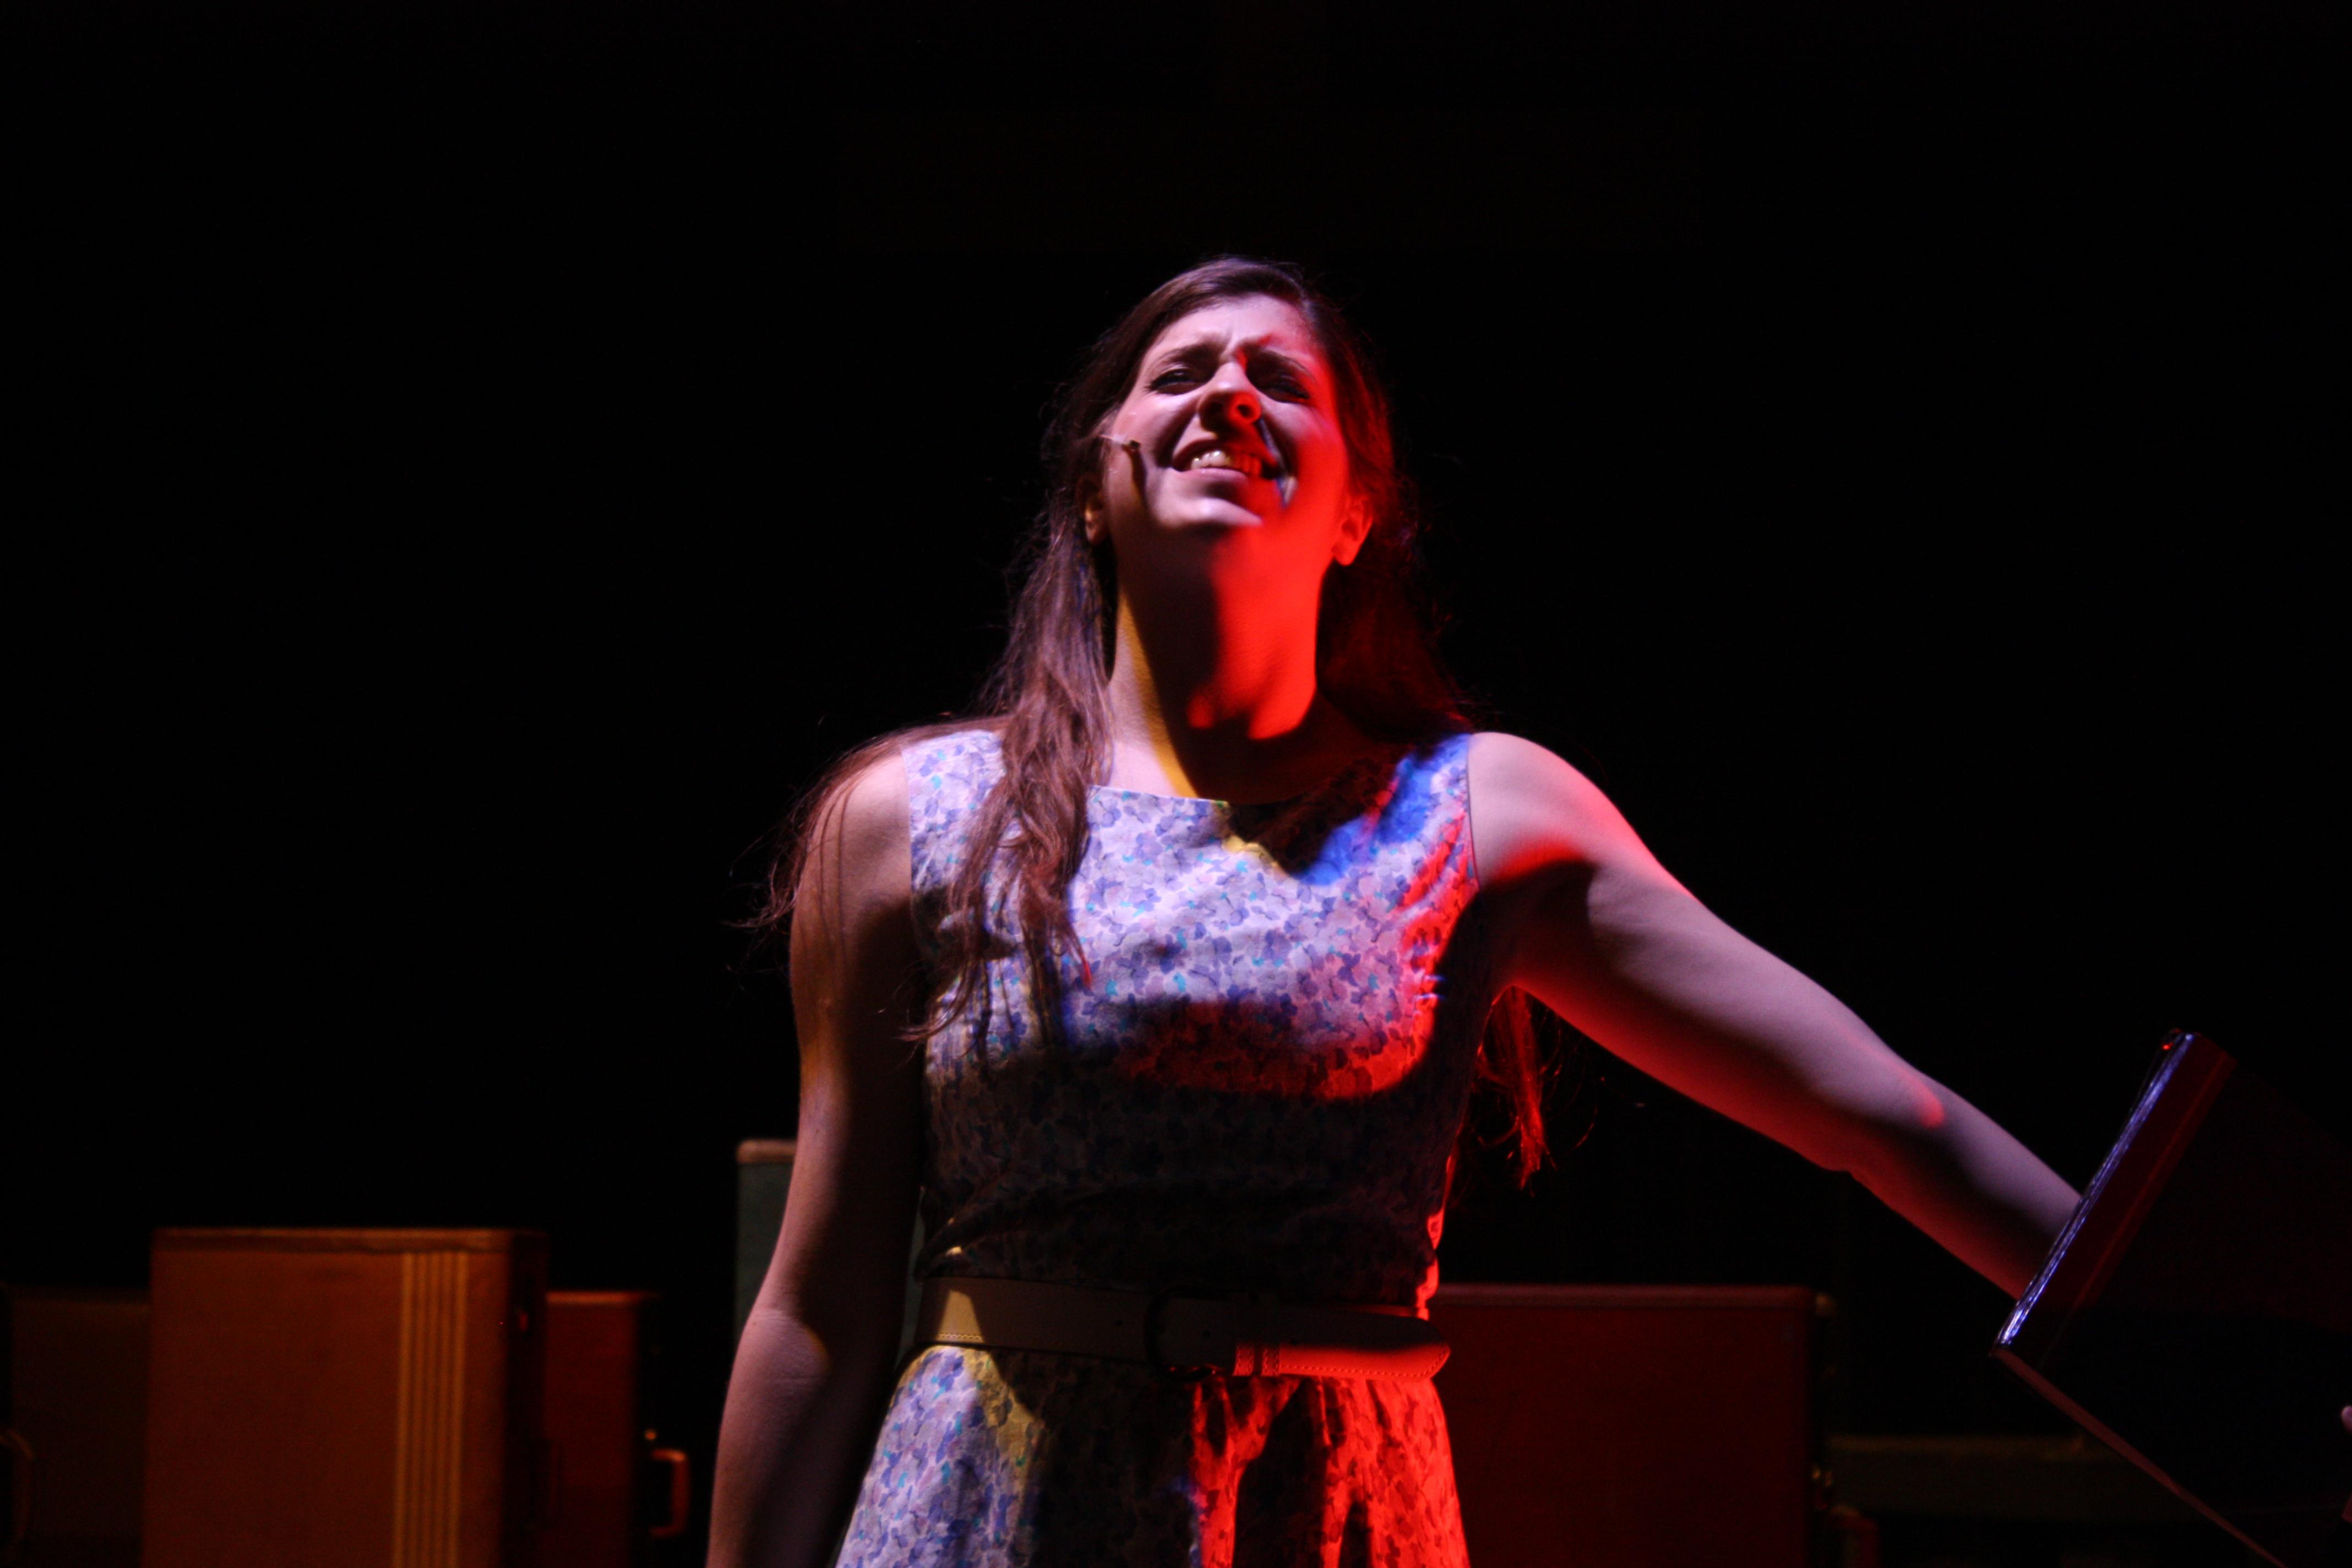 Violet, 2011